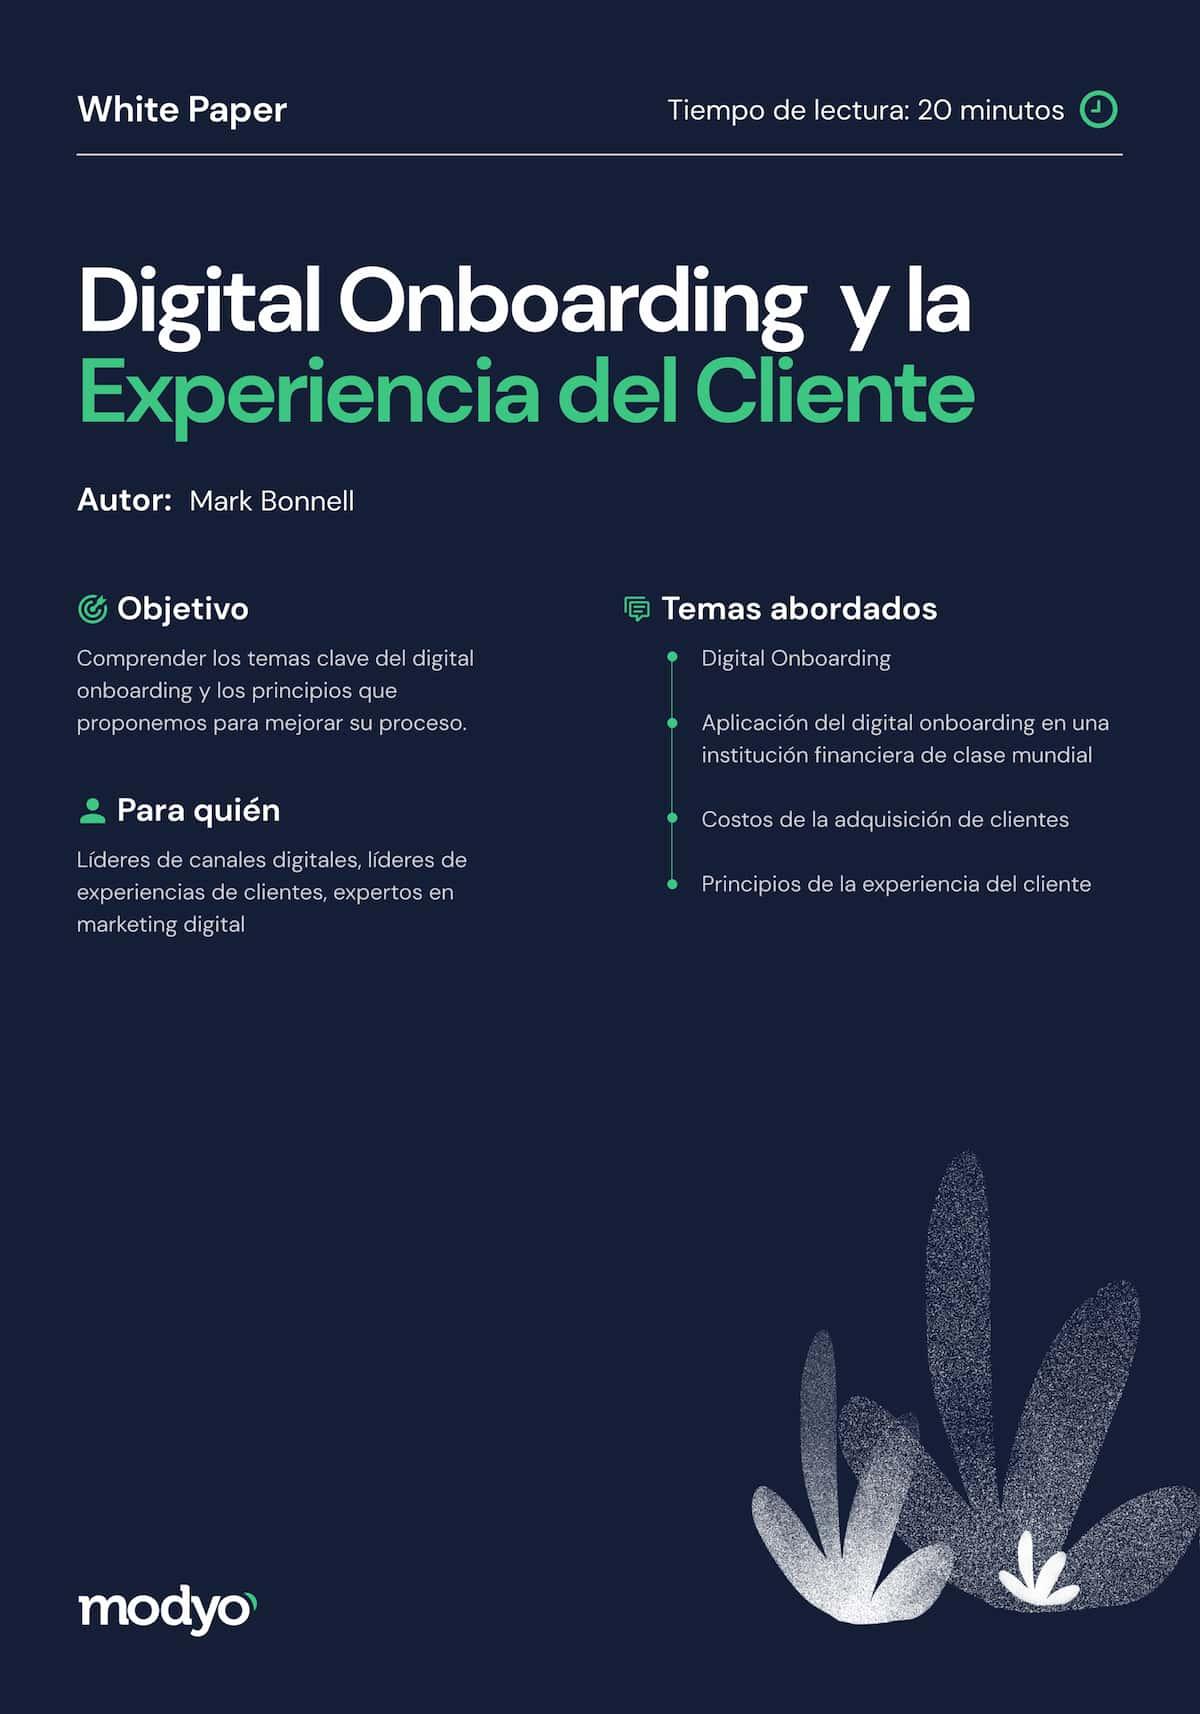 Digital Onboarding y la Experiencia del Cliente